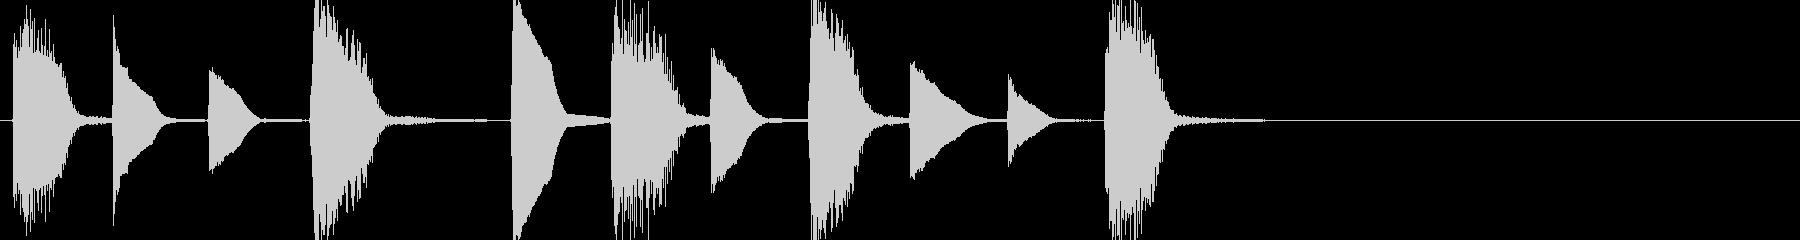 ほのぼの系ピアノジングルの未再生の波形